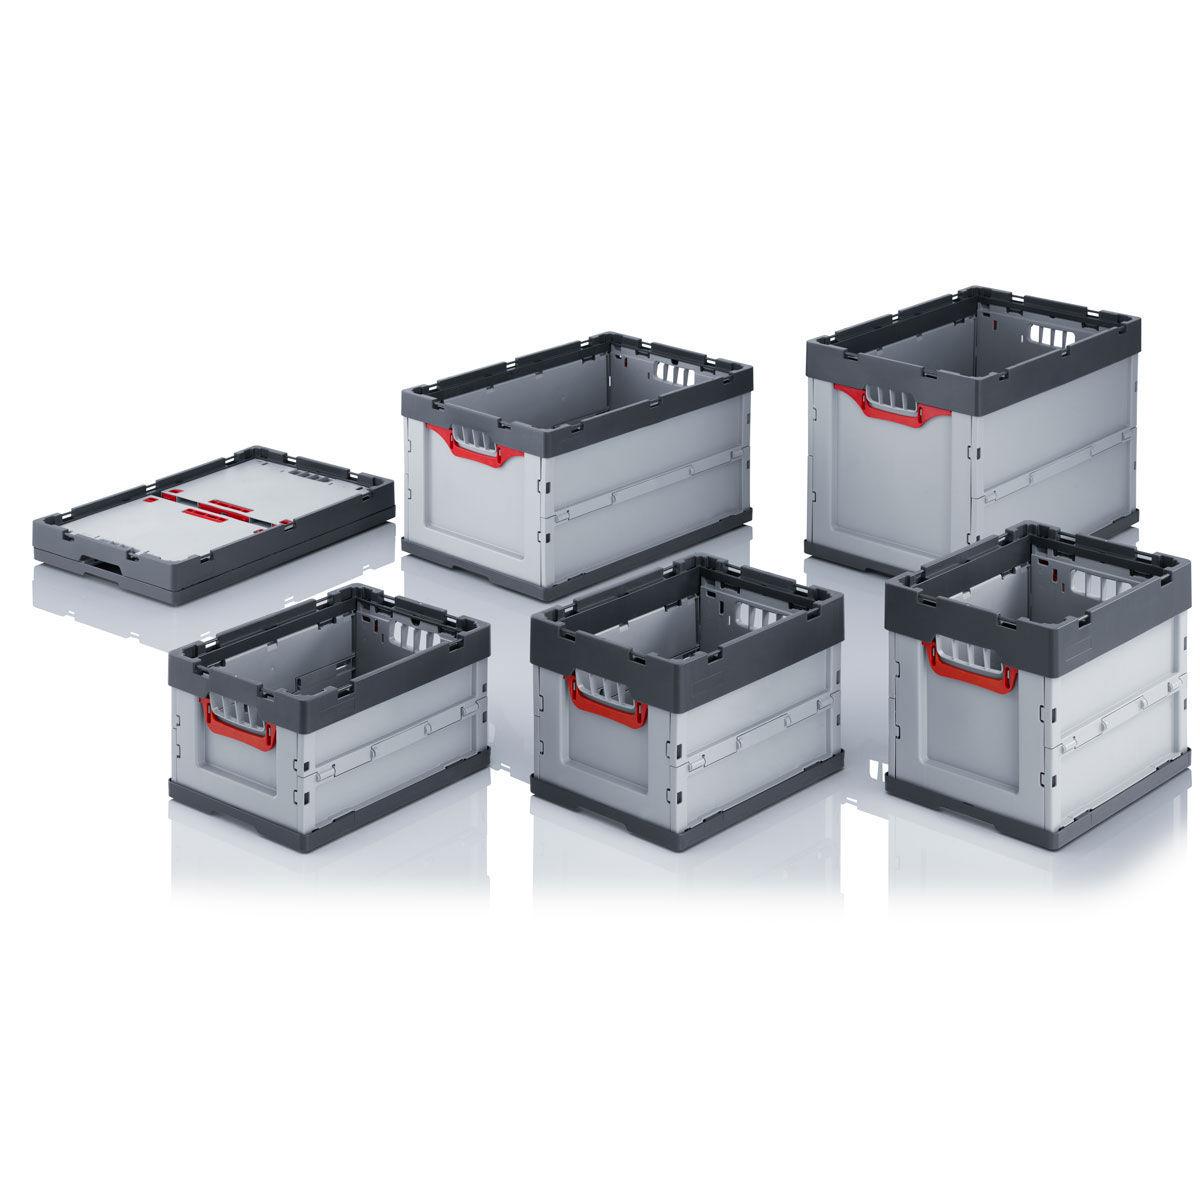 Cajas de pl stico plegables for Cajas de plastico plegables